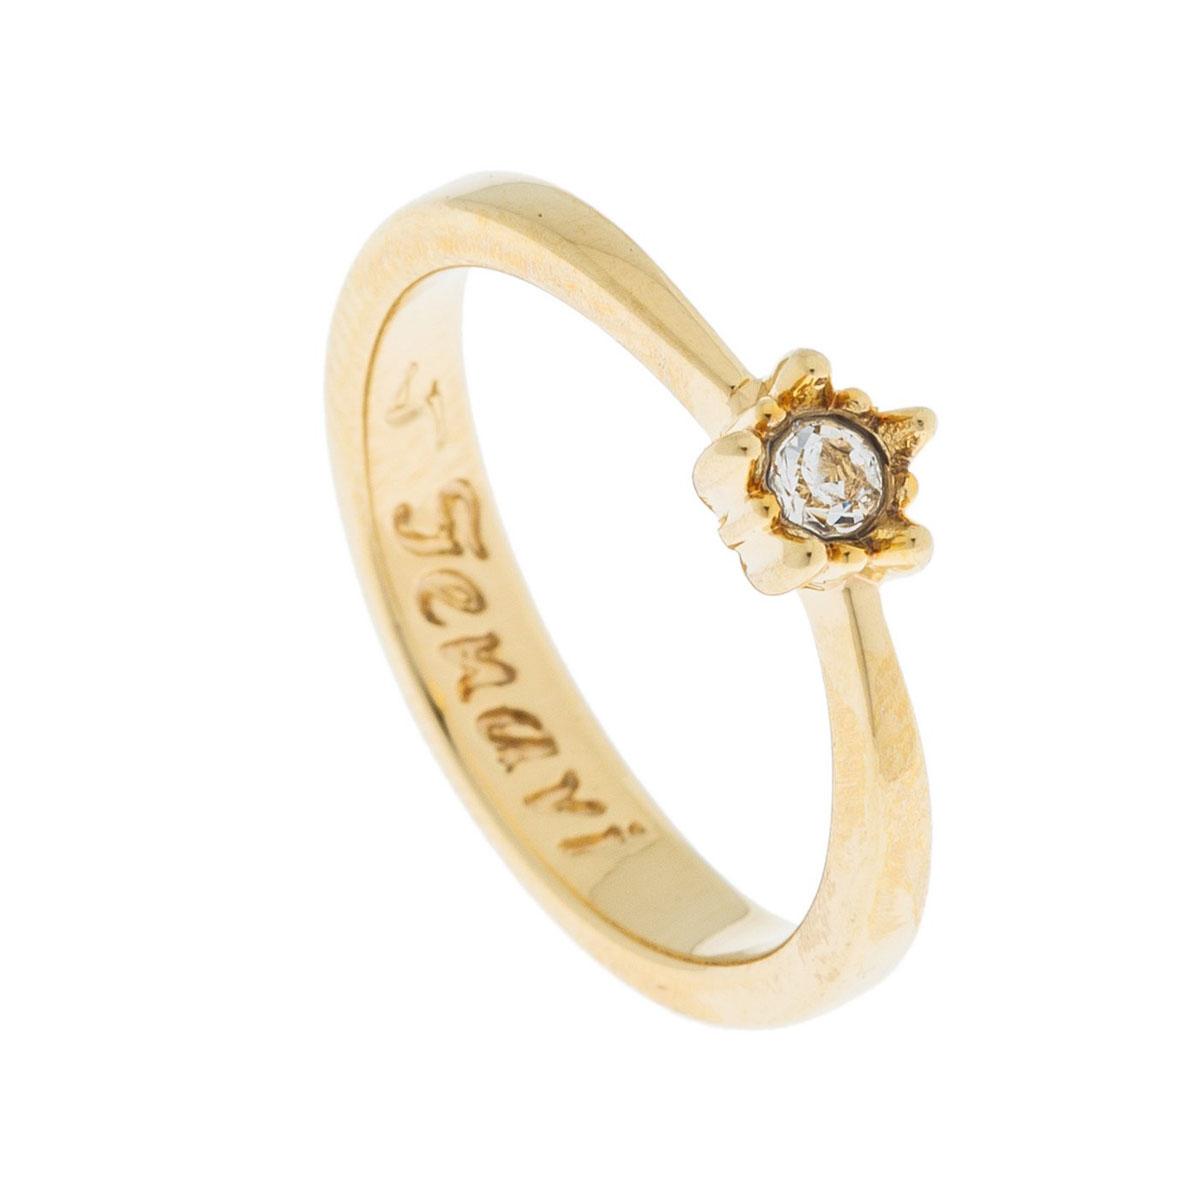 Кольцо Jenavi Эва, цвет: золотой, белый. k498p000. Размер 16k498p000Коллекция Э, Эва (Кольцо) гипоаллергенный ювелирный сплав,Позолота, вставка Кристаллы Swarovski